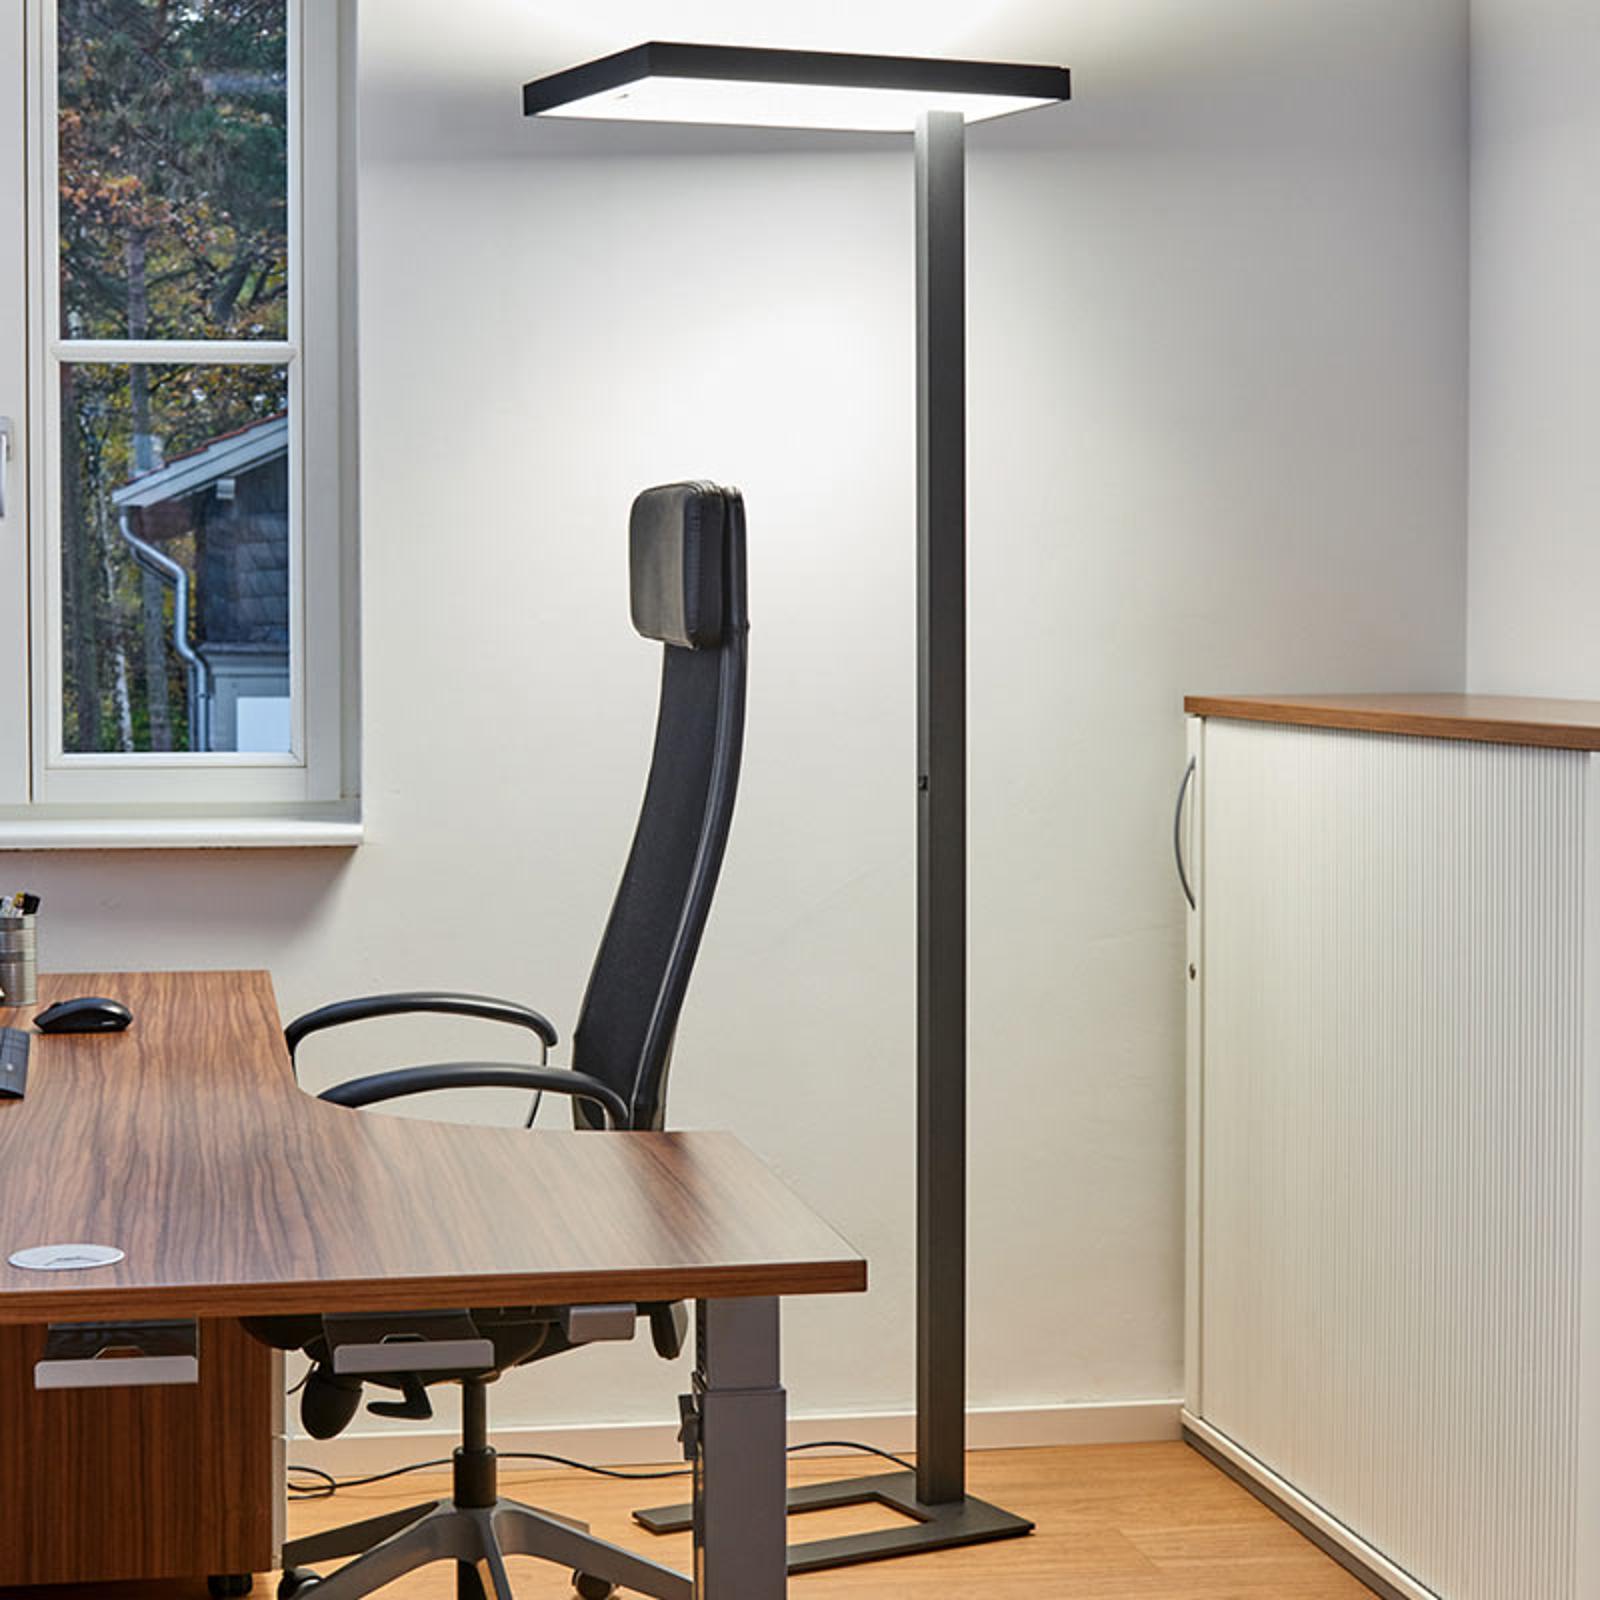 Büro-LED-Stehleuchte Lola, 4.000 K, DALI